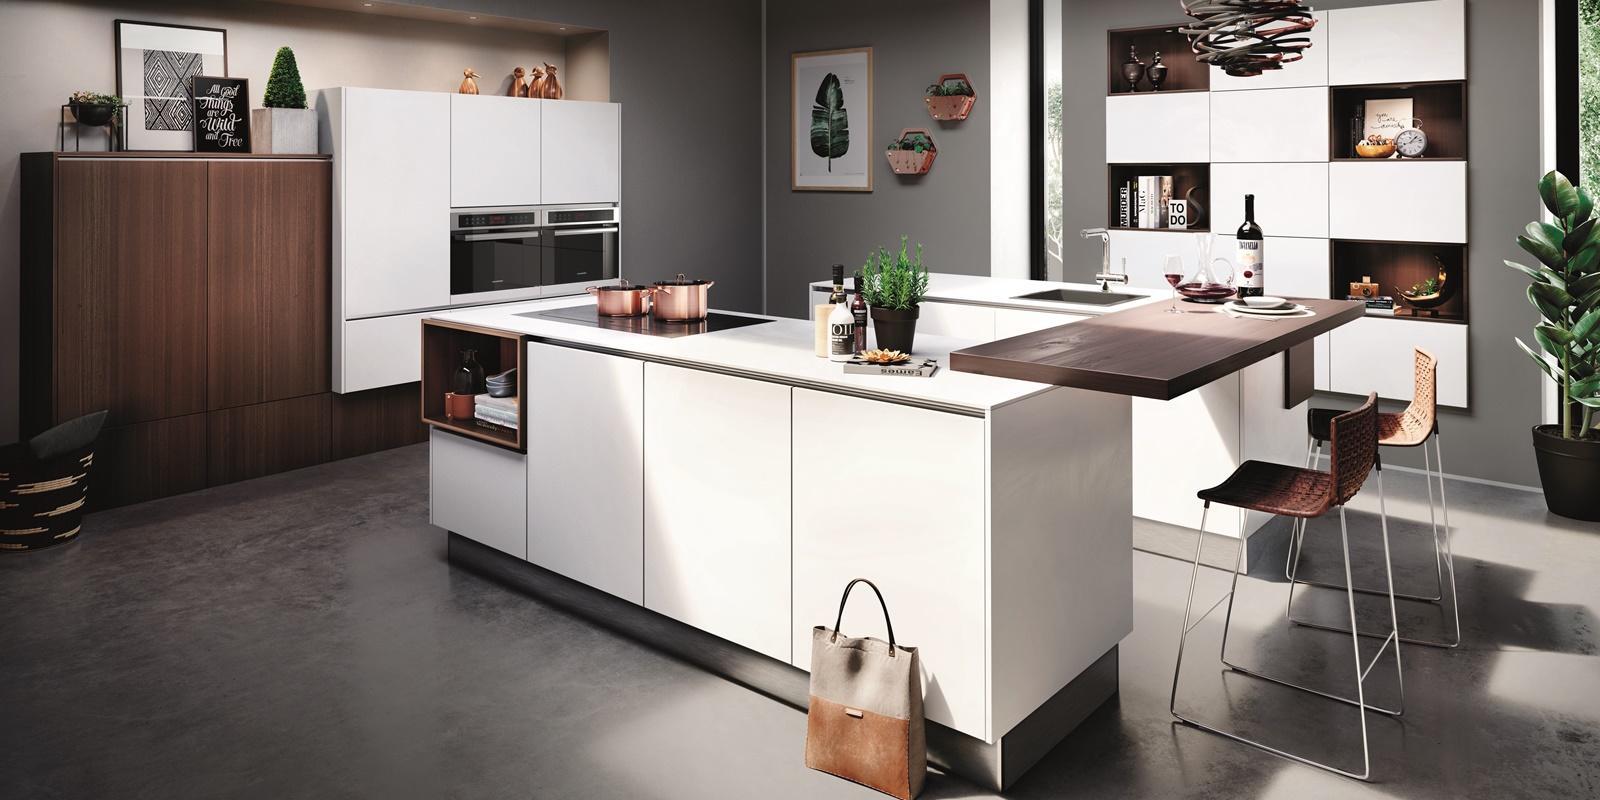 Küchen Weimer Das Möbelhaus Küchenplanung Leonberg